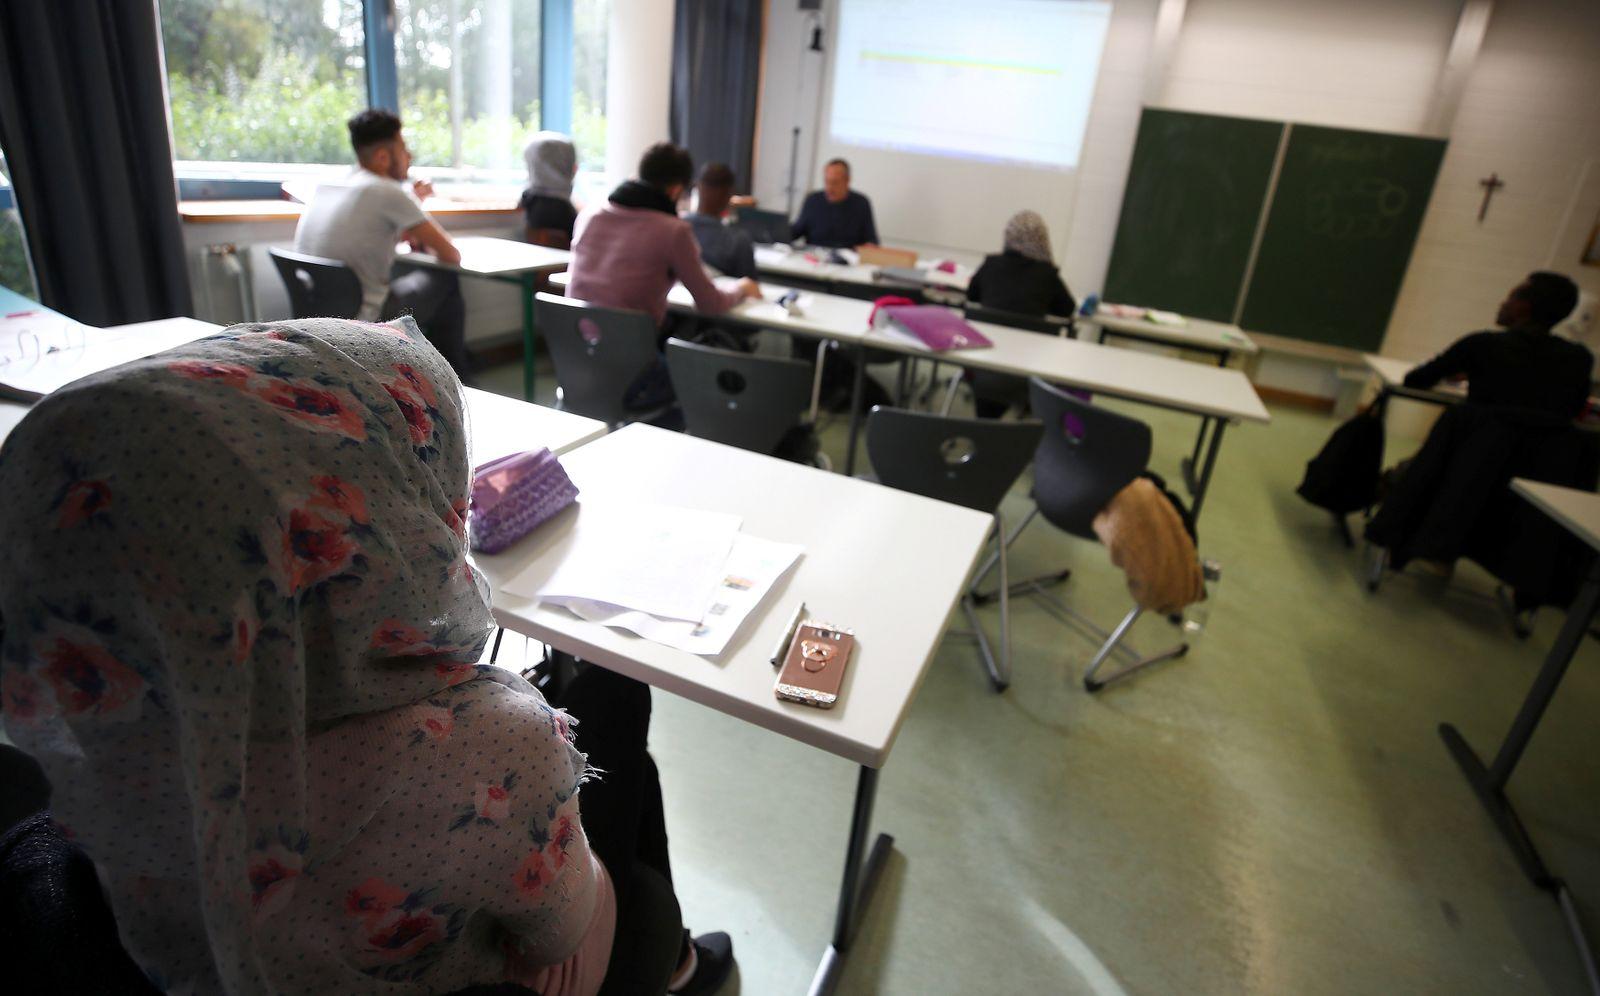 Students sit in a classroom of the Europa-Berufsschule vocational school in Weiden